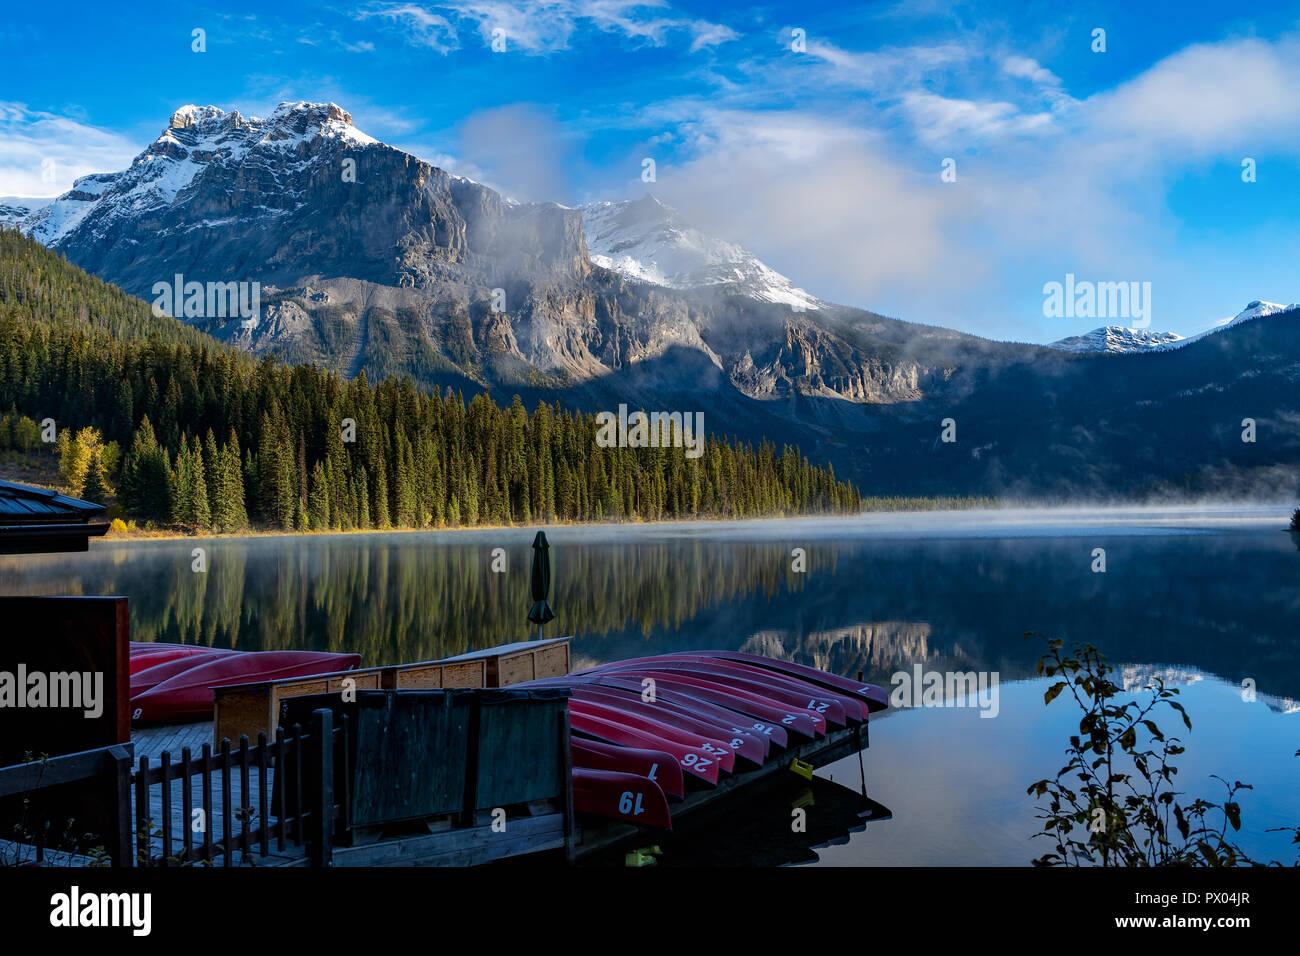 Temprano por la mañana en el lago Esmeralda en el Parque Nacional Yoho, British Colombia, Canadá Foto de stock